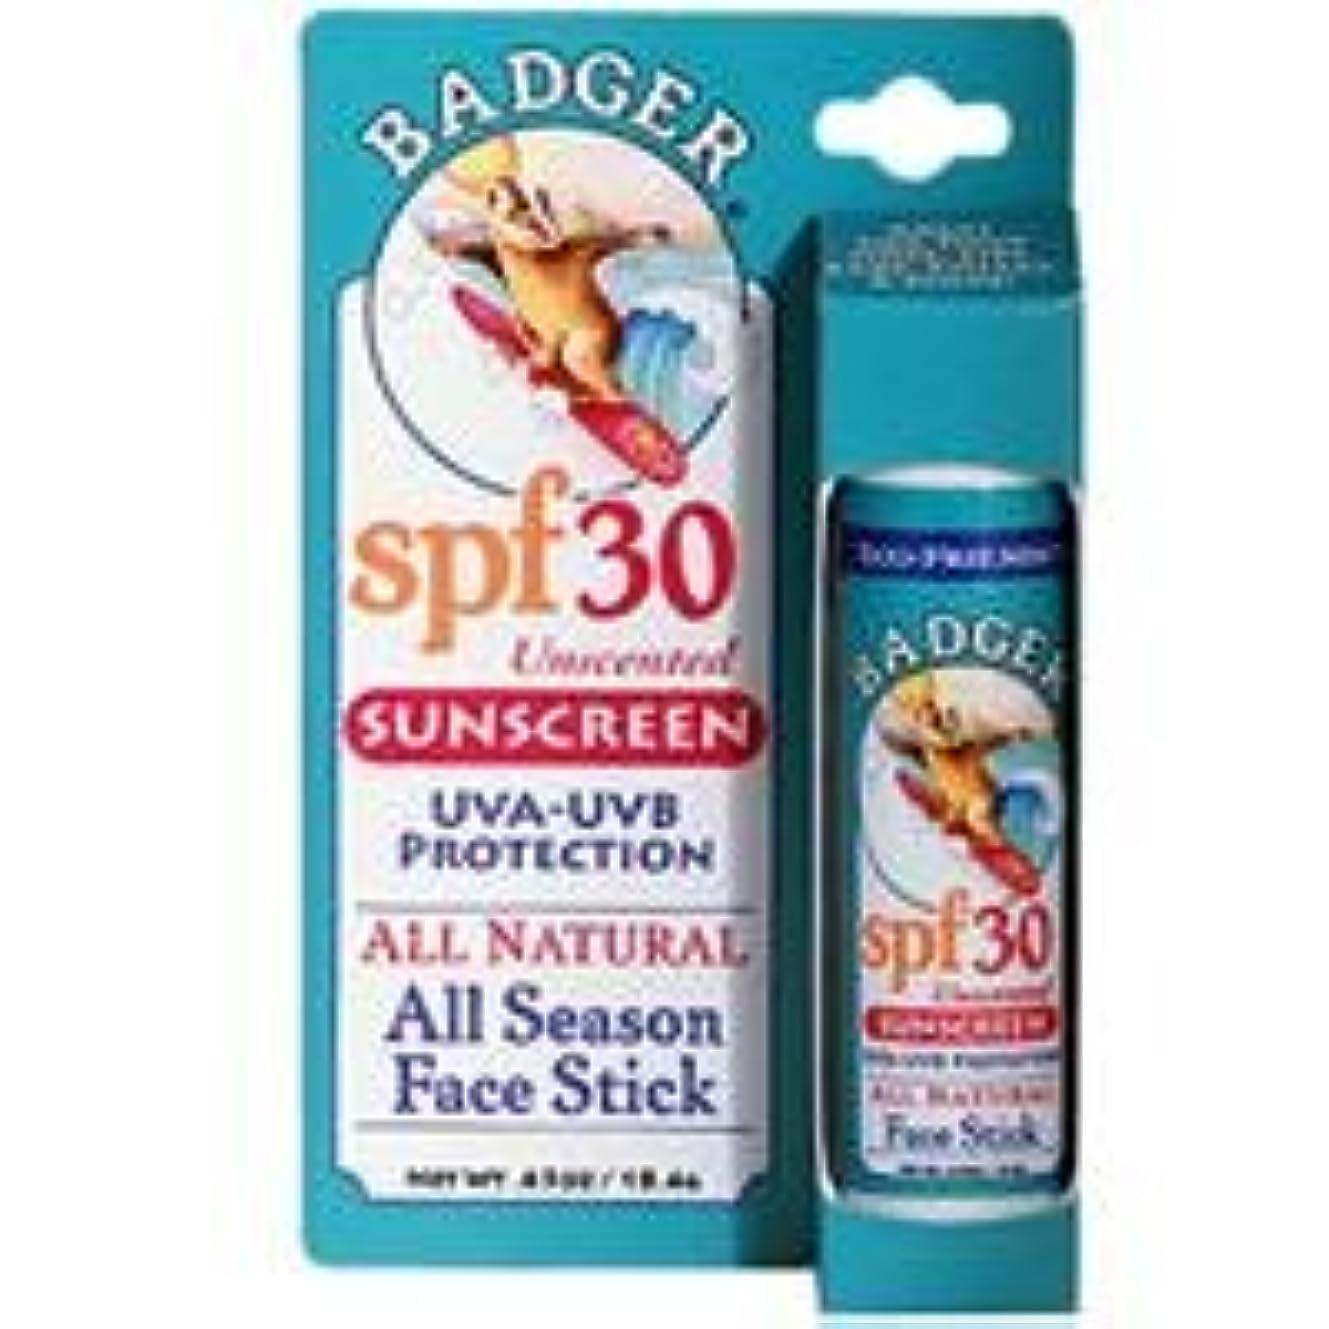 疎外するスキッパー半島[海外直送品] バジャー(Badger) フェイススティック サンスクリーン SPF30 18.4g (無香料)